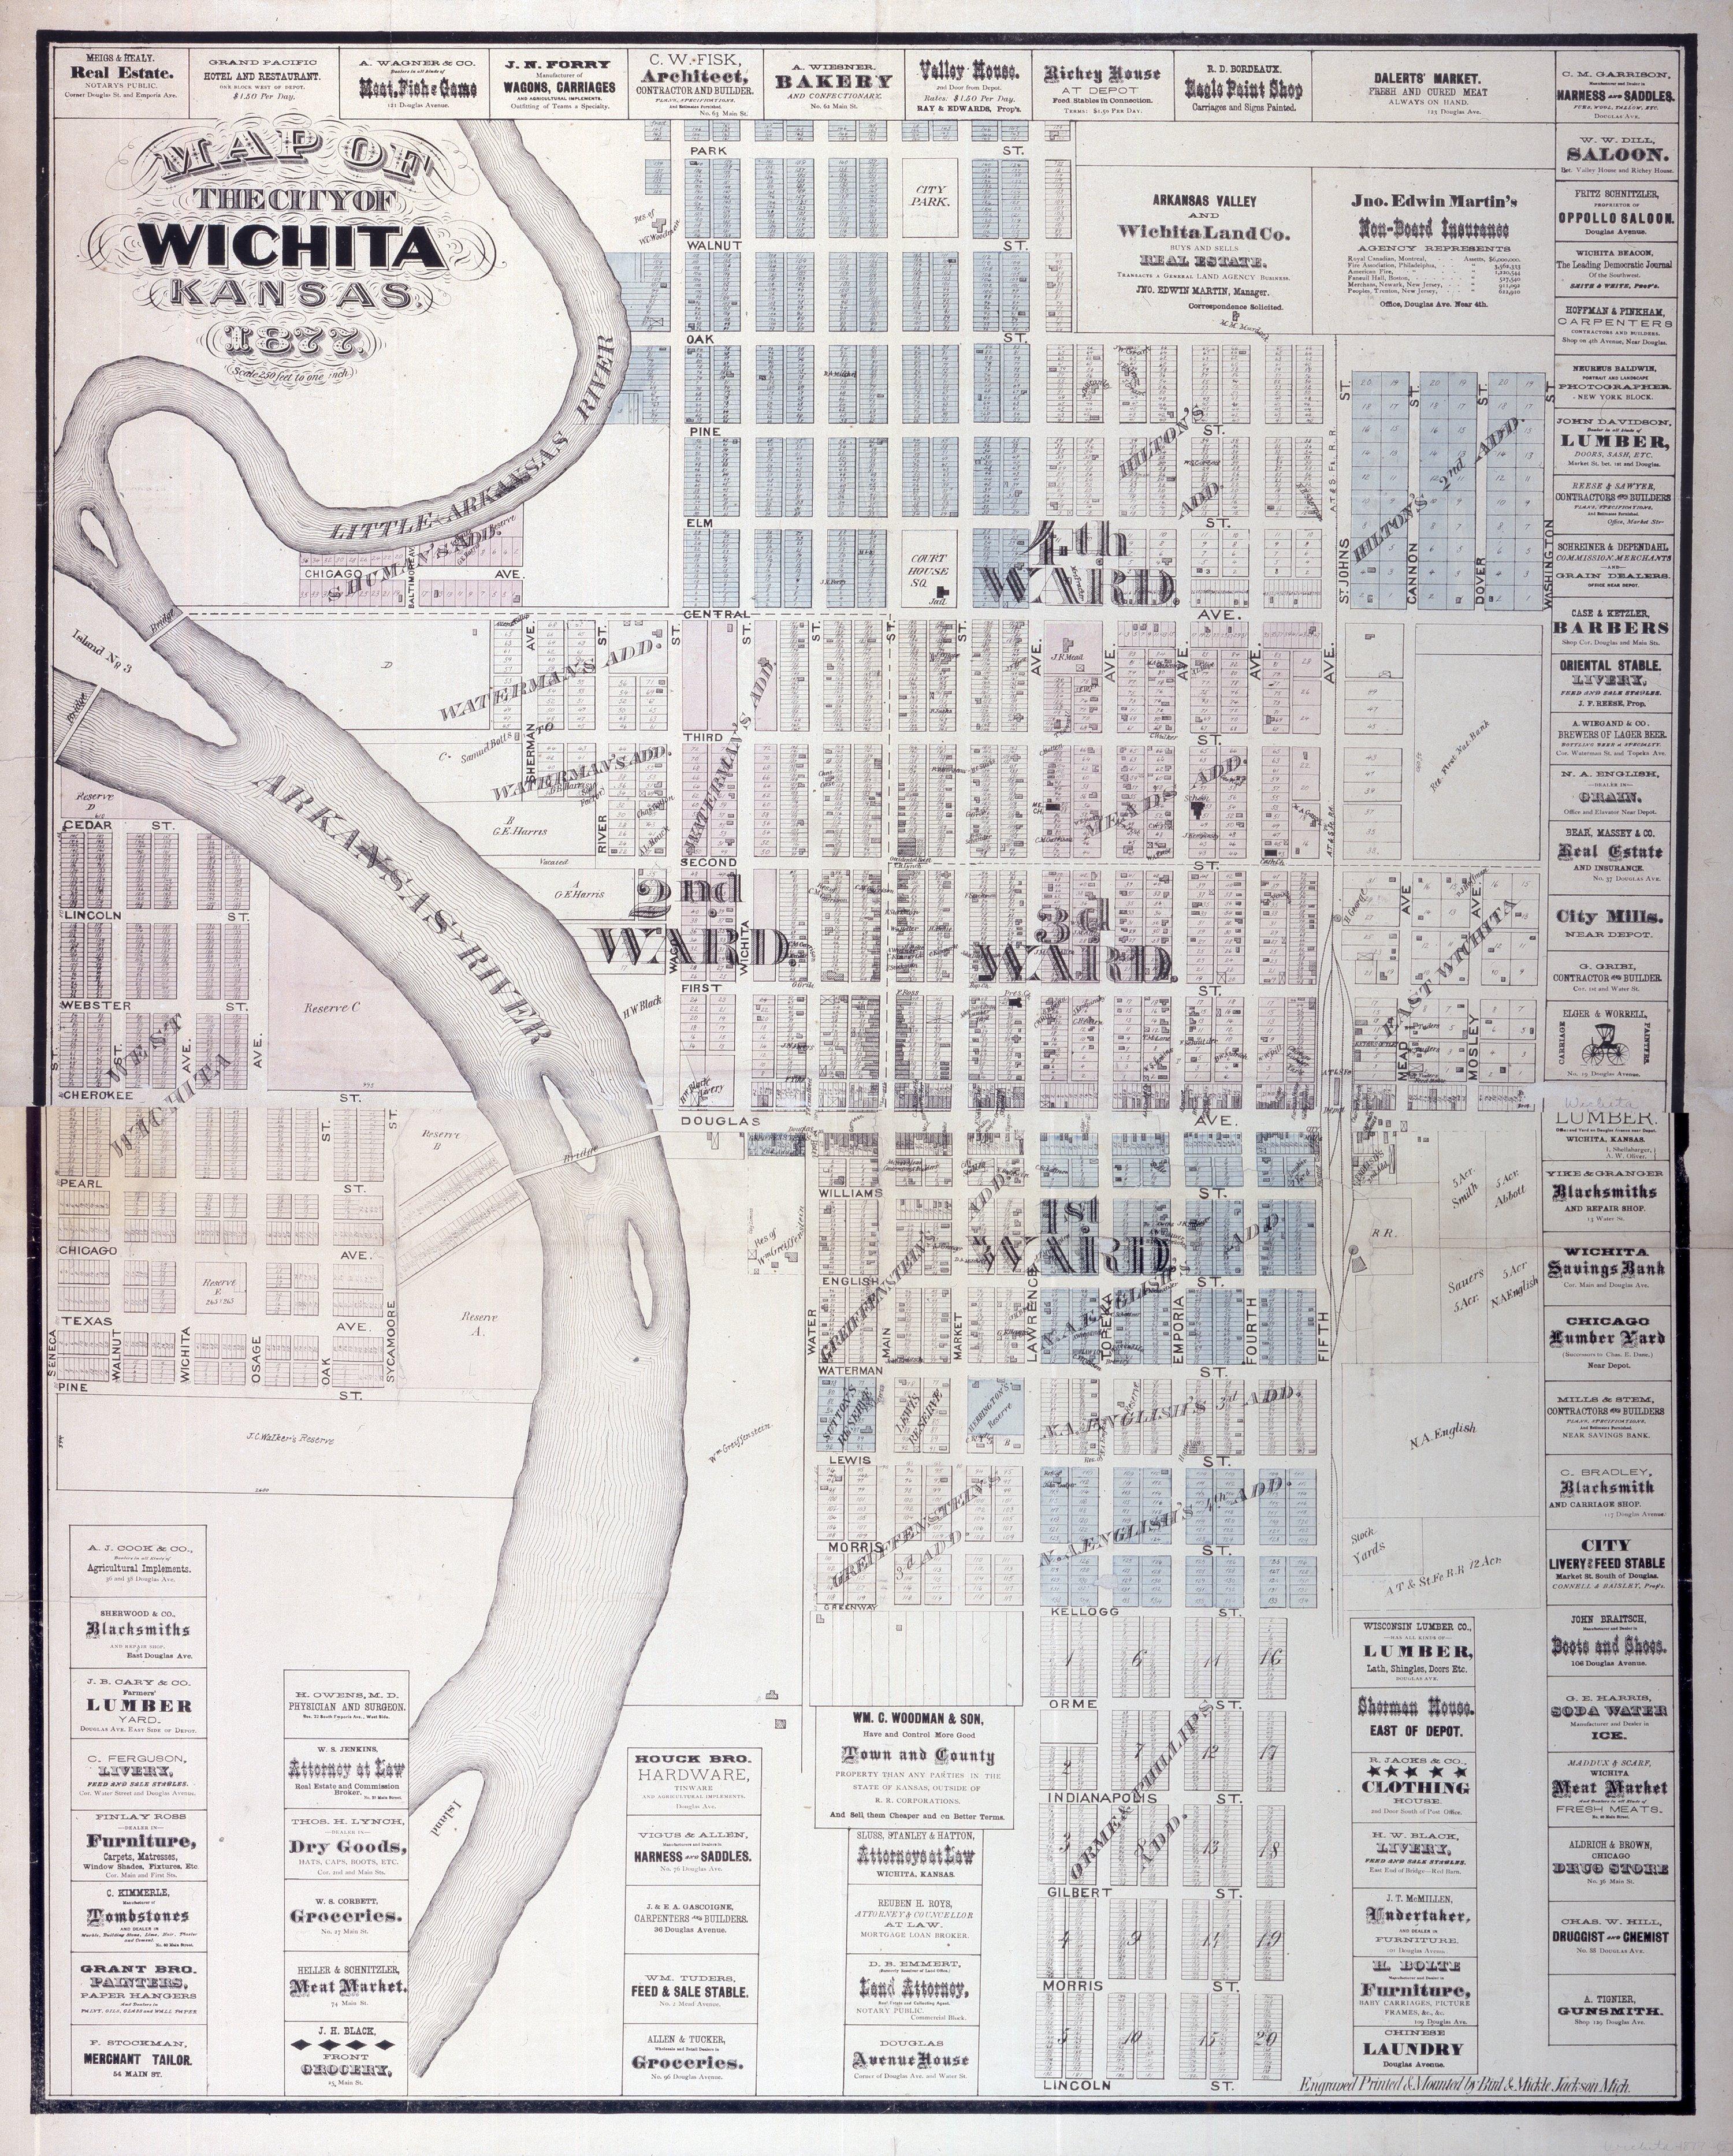 Map of the city of Wichita, Kansas